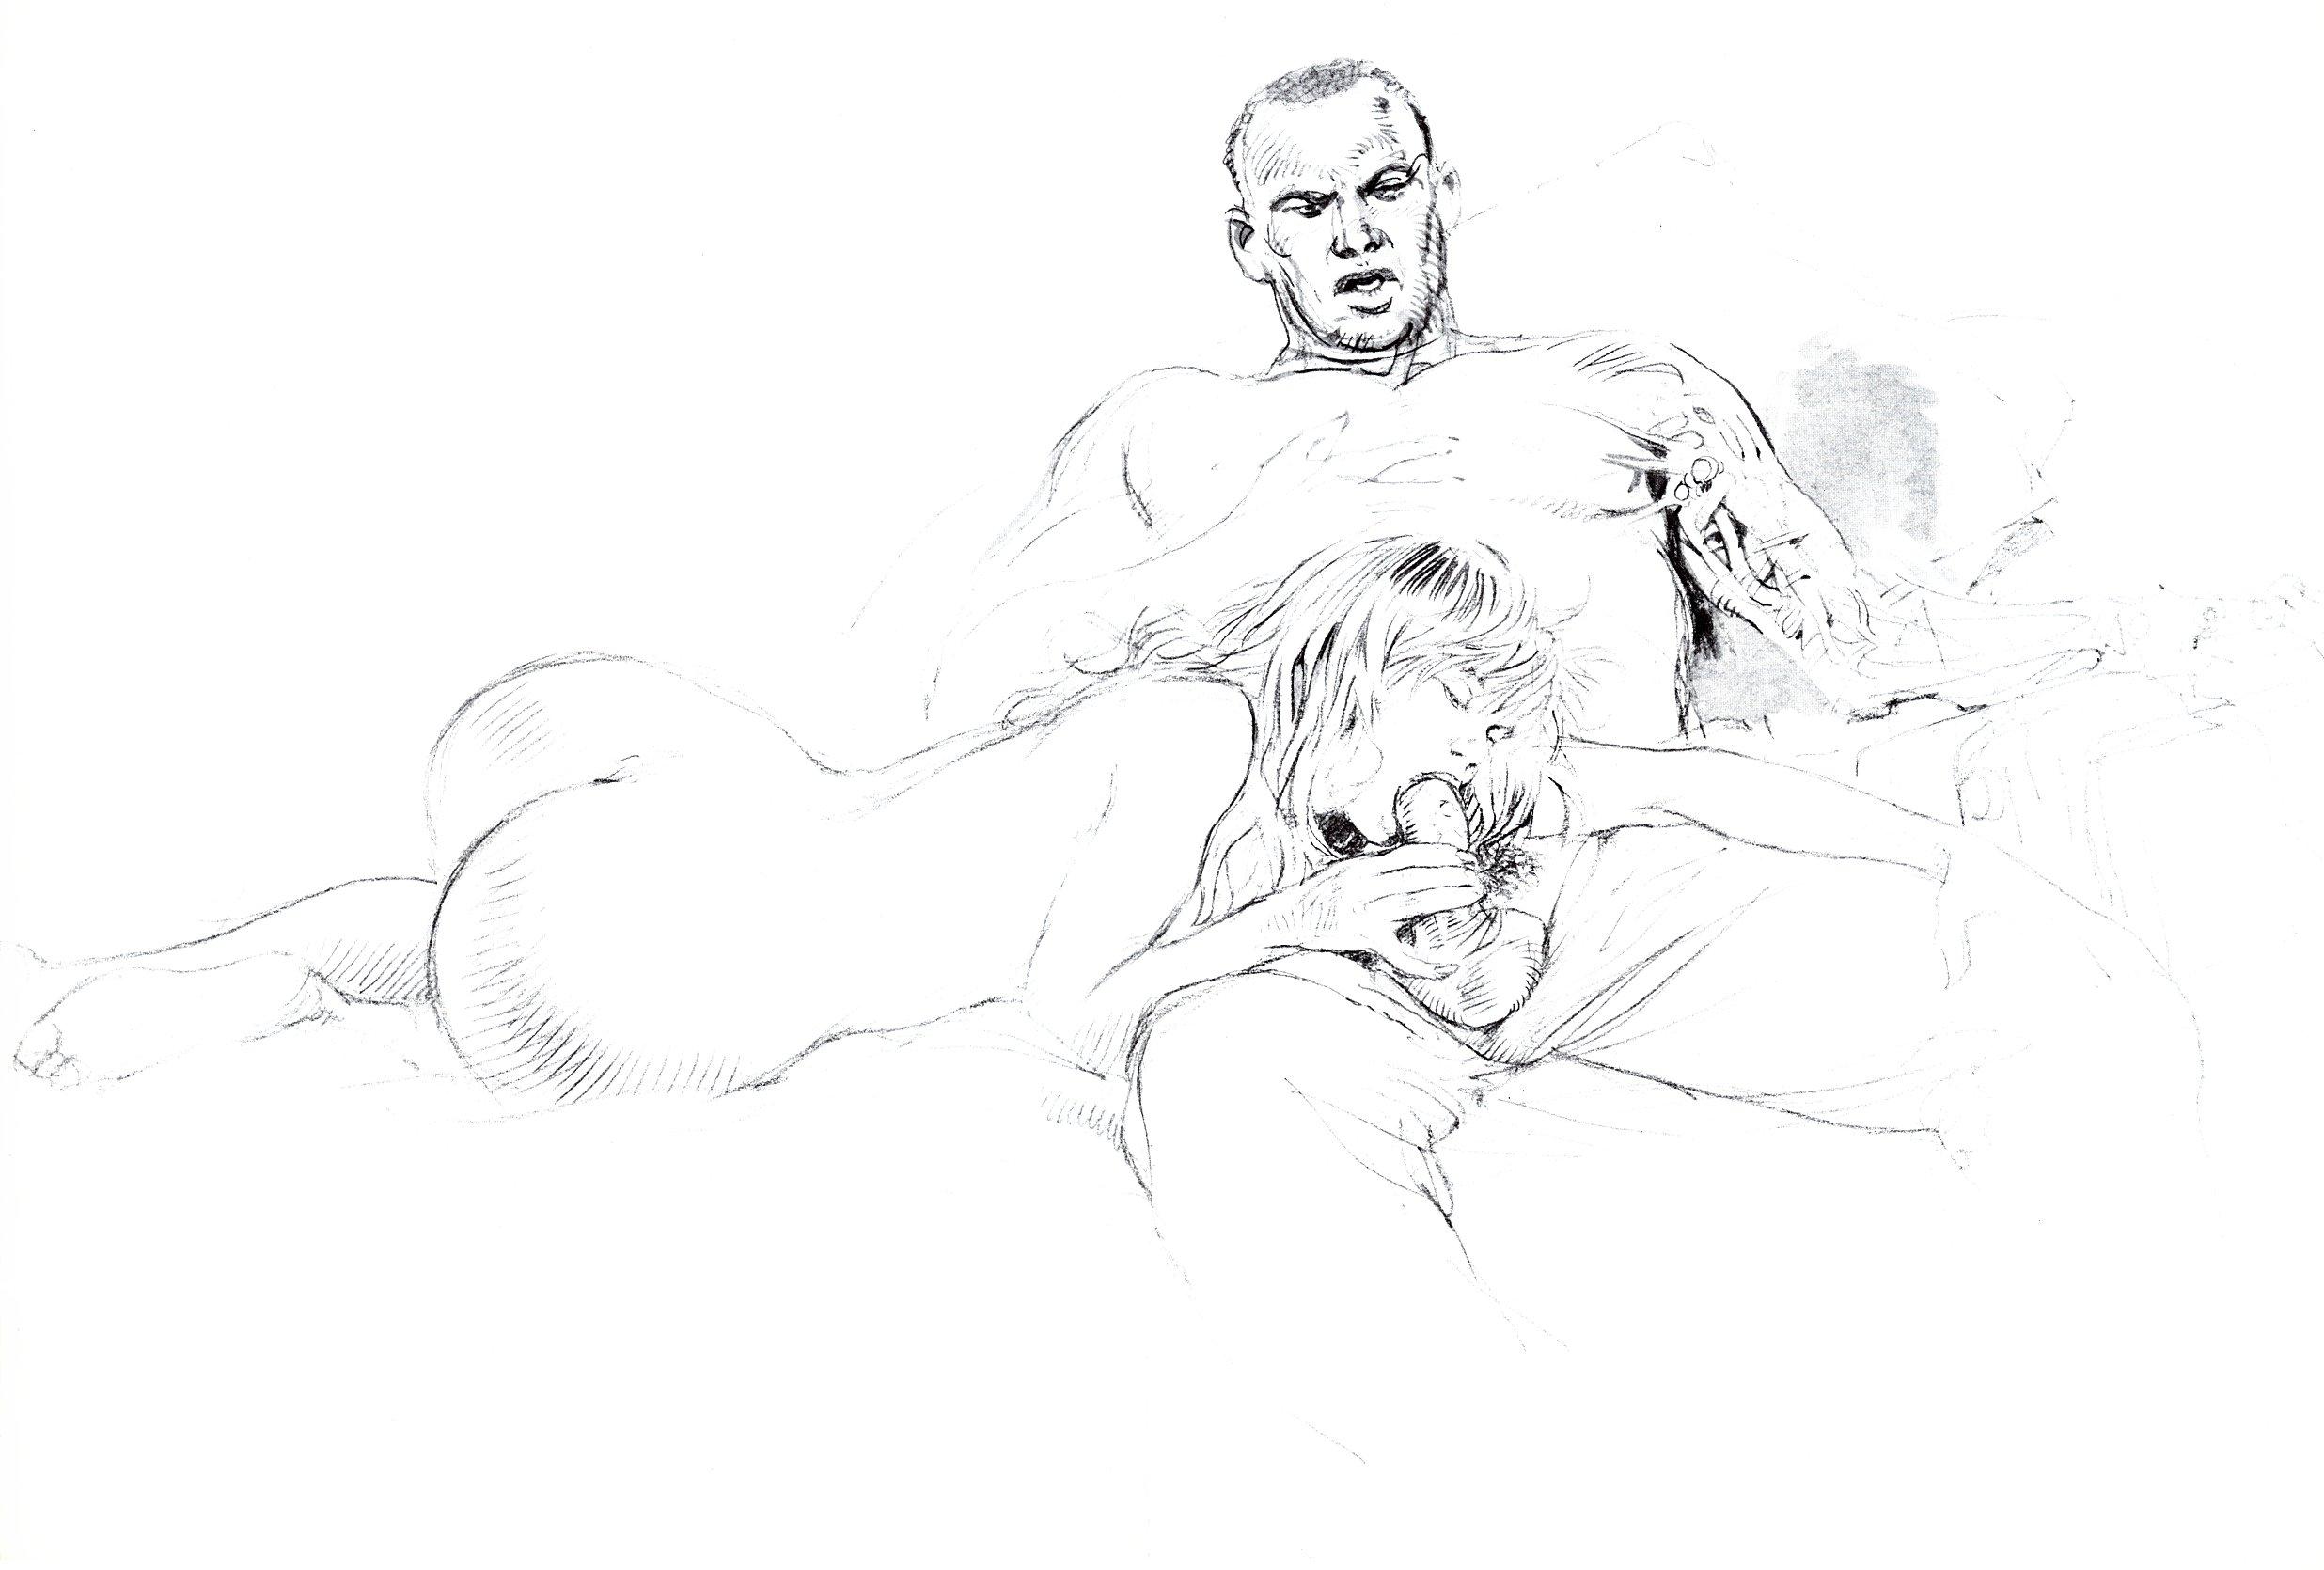 Рисунки паоло серпиери 5 фотография